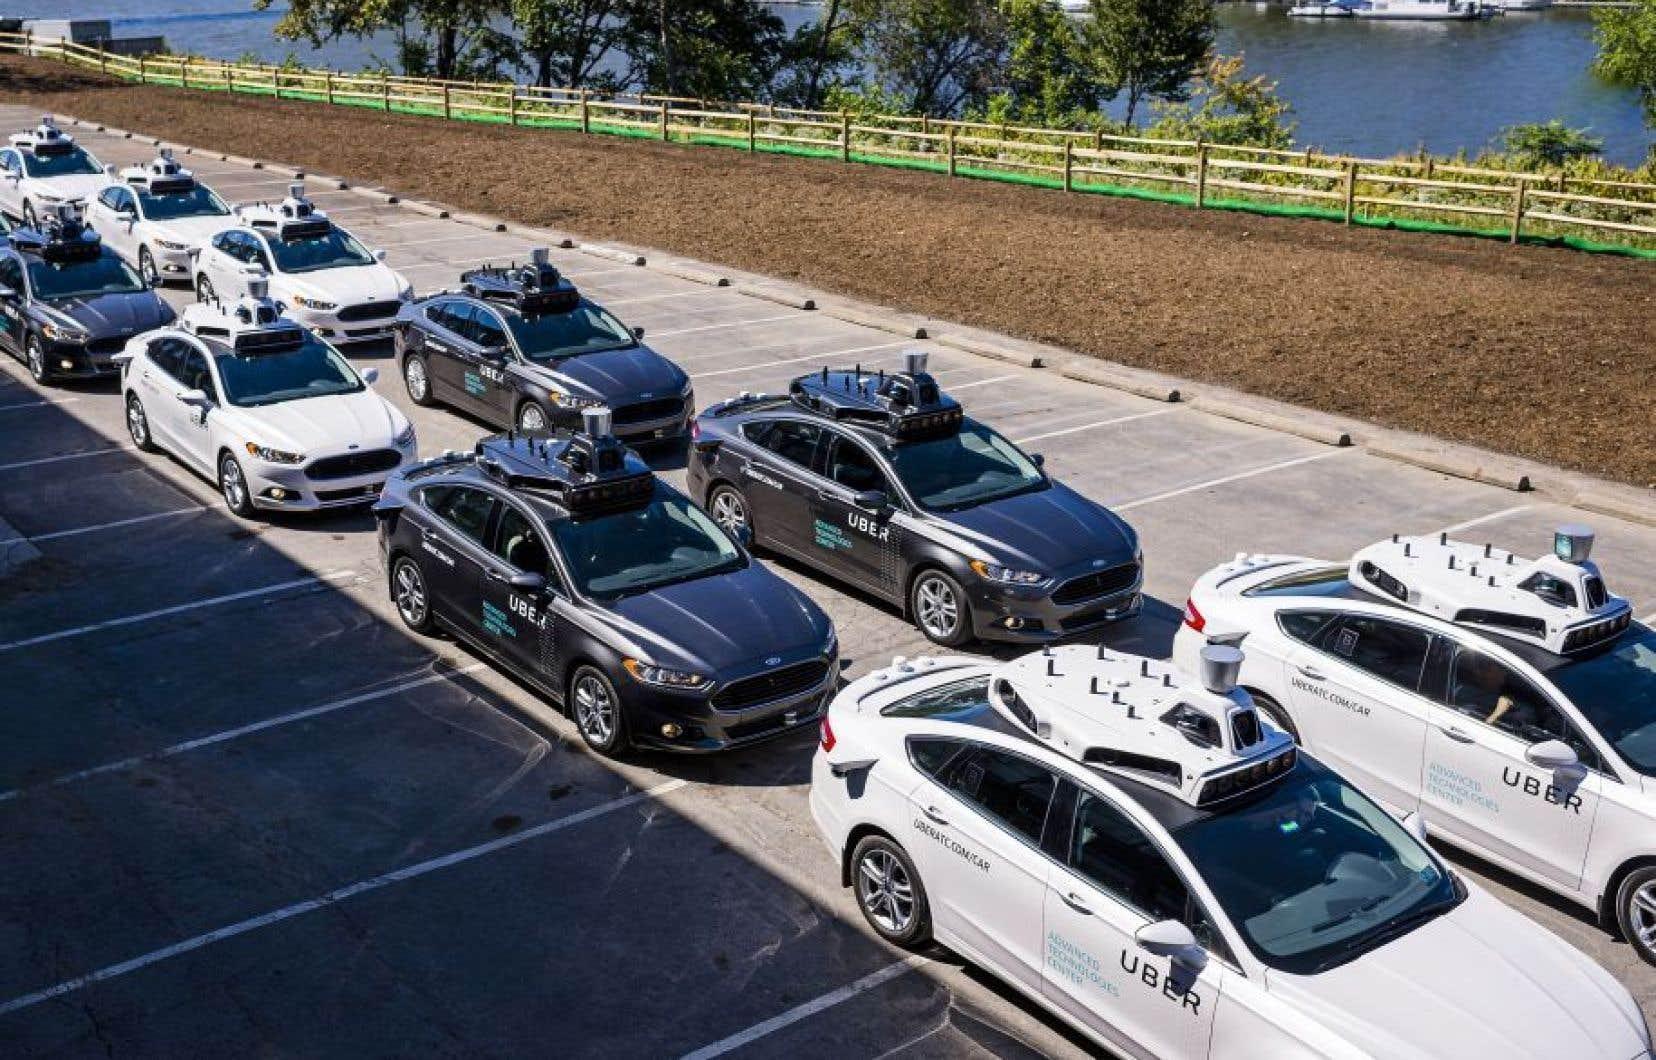 Les voitures sans chauffeur d'Uber pourront embarquer jusqu'à 3 passagers.